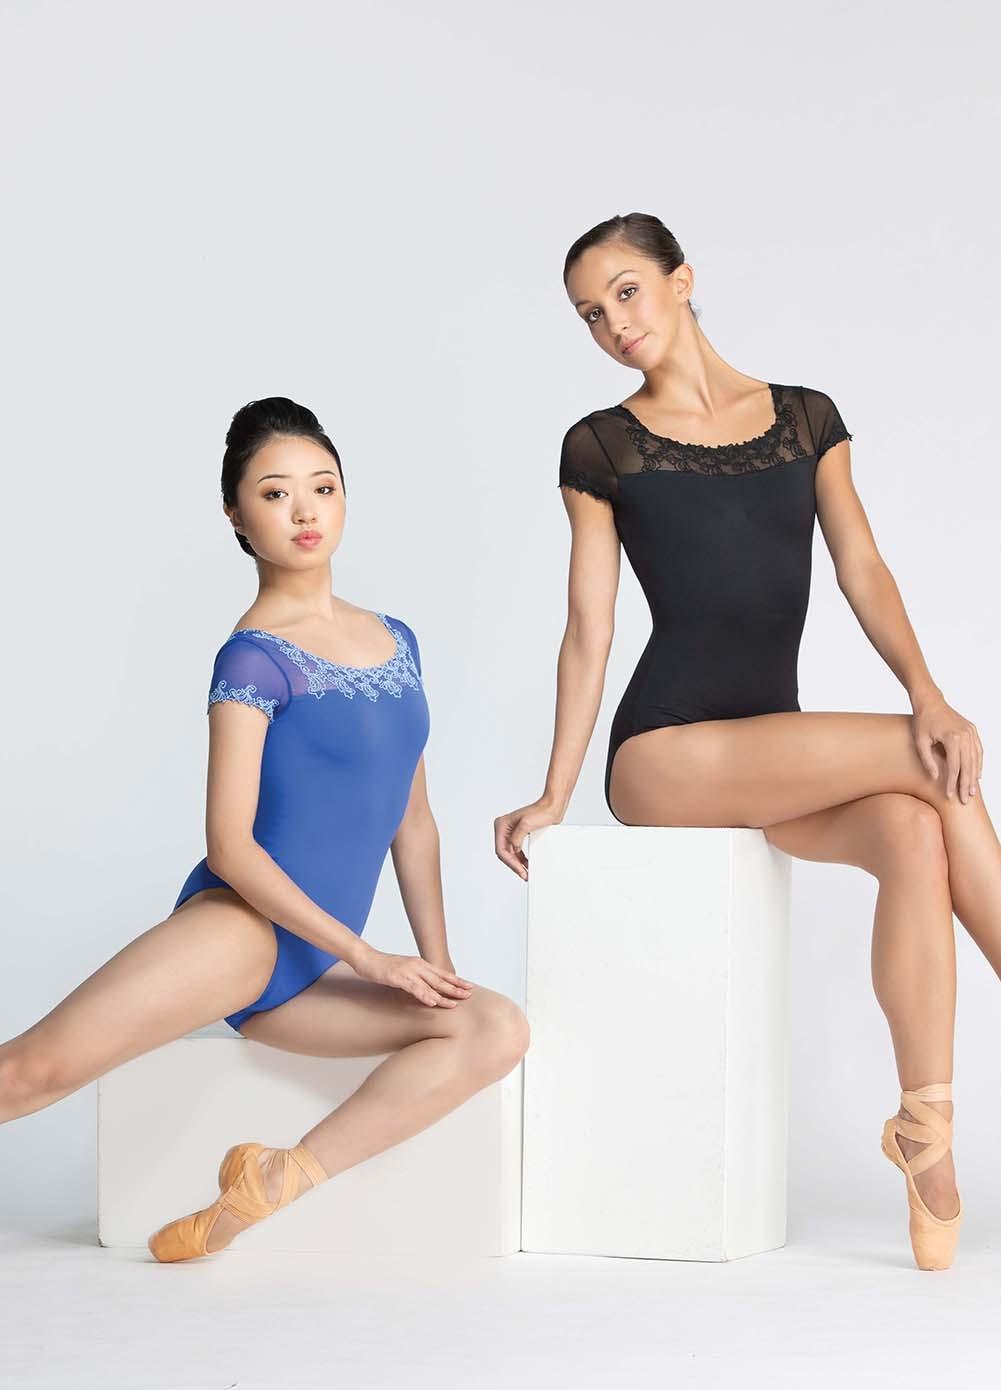 Orange Chiffon Its Fashion Metro Blouses Dark Brown: Women's Leotards, Ballet Rosa, Aurora Leotard, $74.00